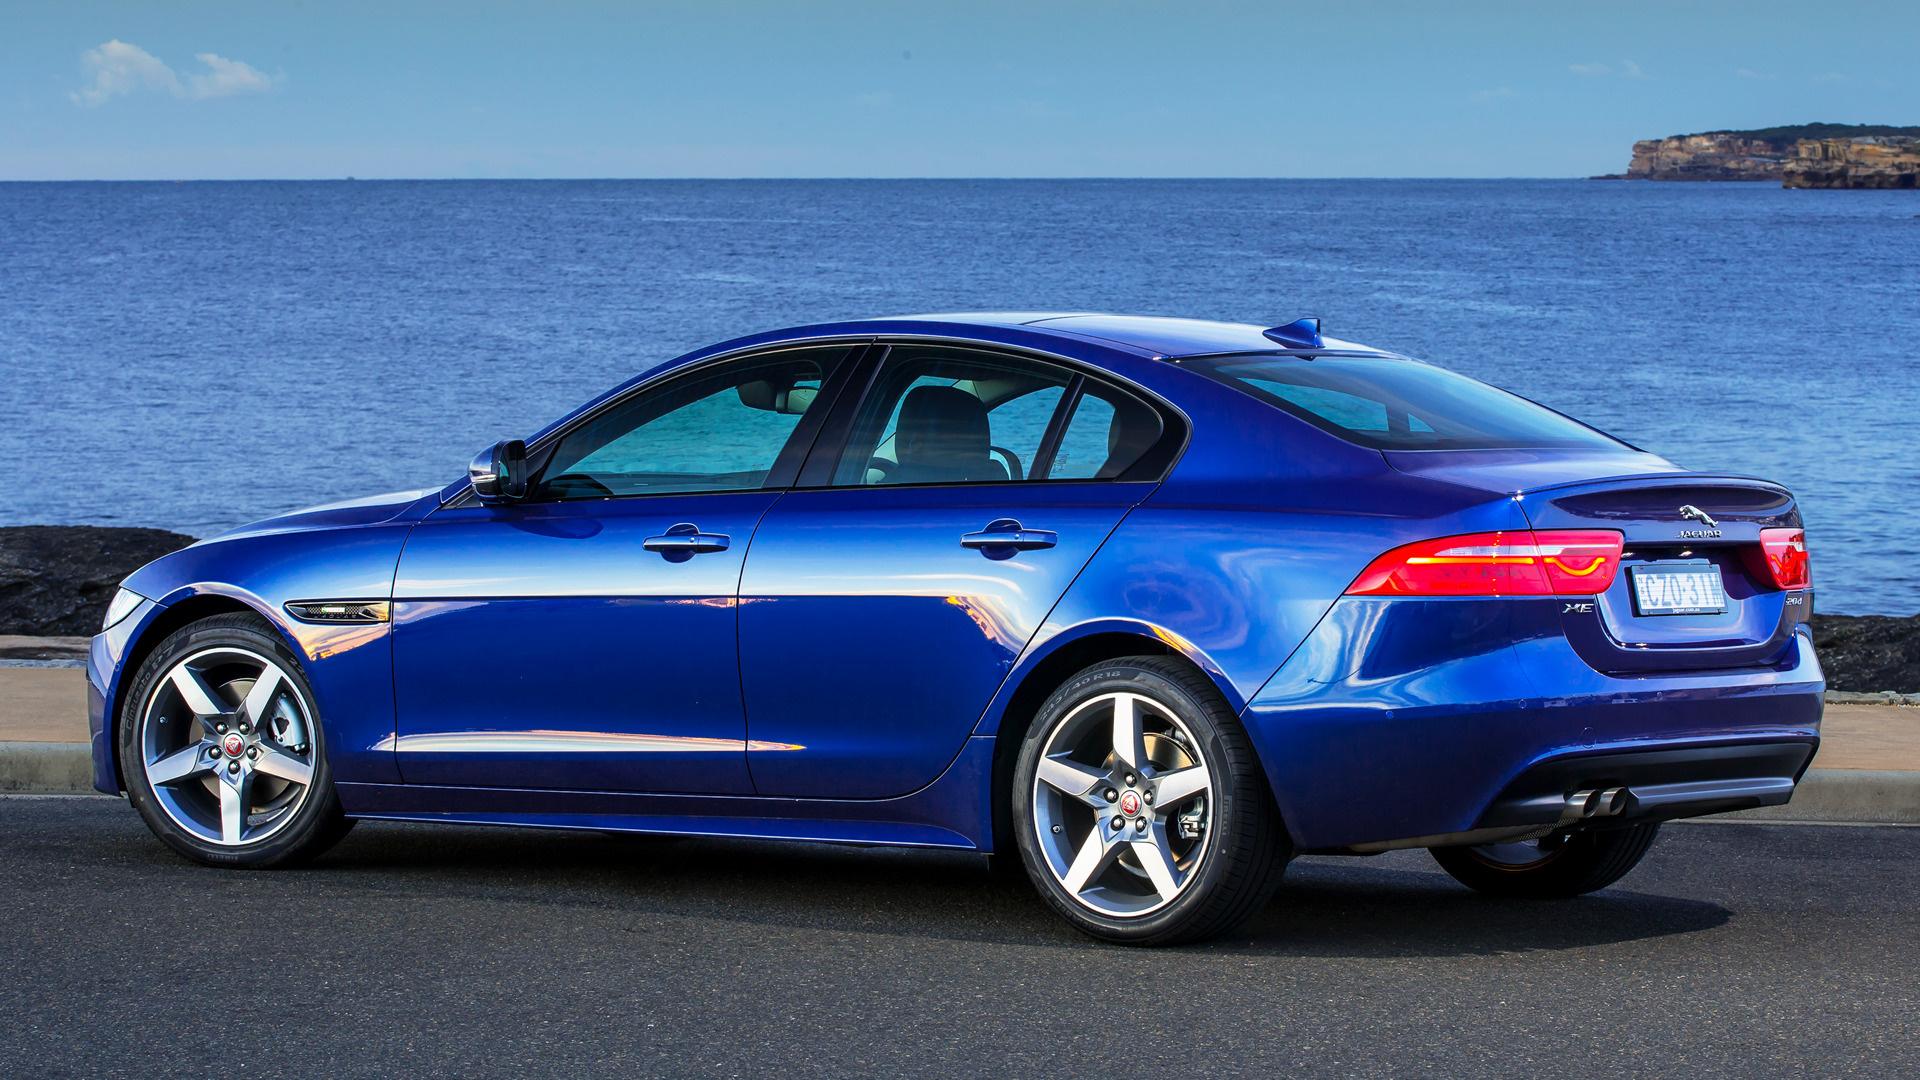 Jaguar XE R-Sport (2015) AU Wallpapers and HD Images - Car Pixel